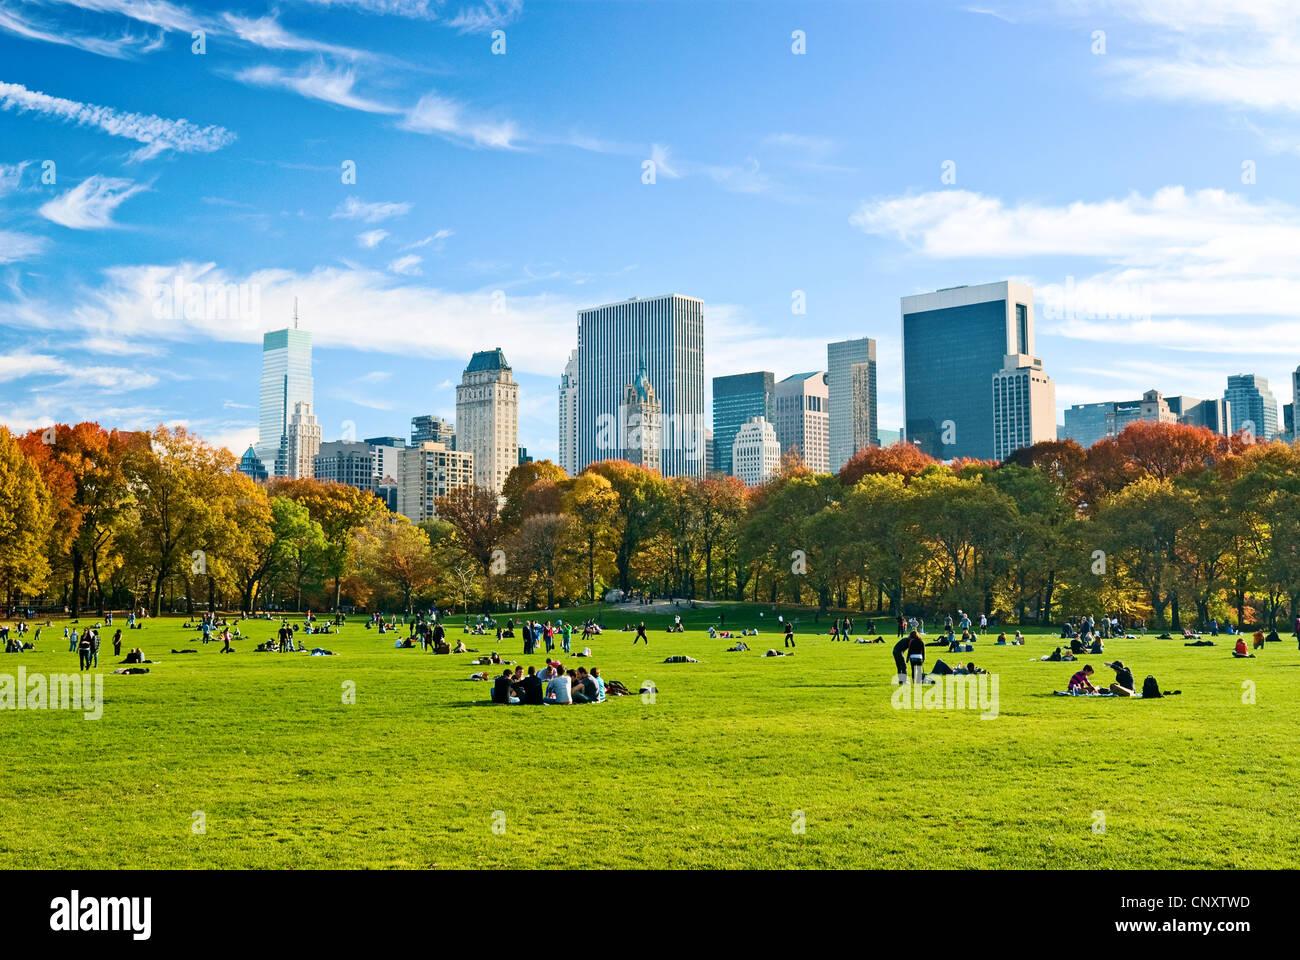 Central Park, la ciudad de Nueva York, en otoño, mirando hacia el horizonte sur del Parque Central de las ovejas Imagen De Stock